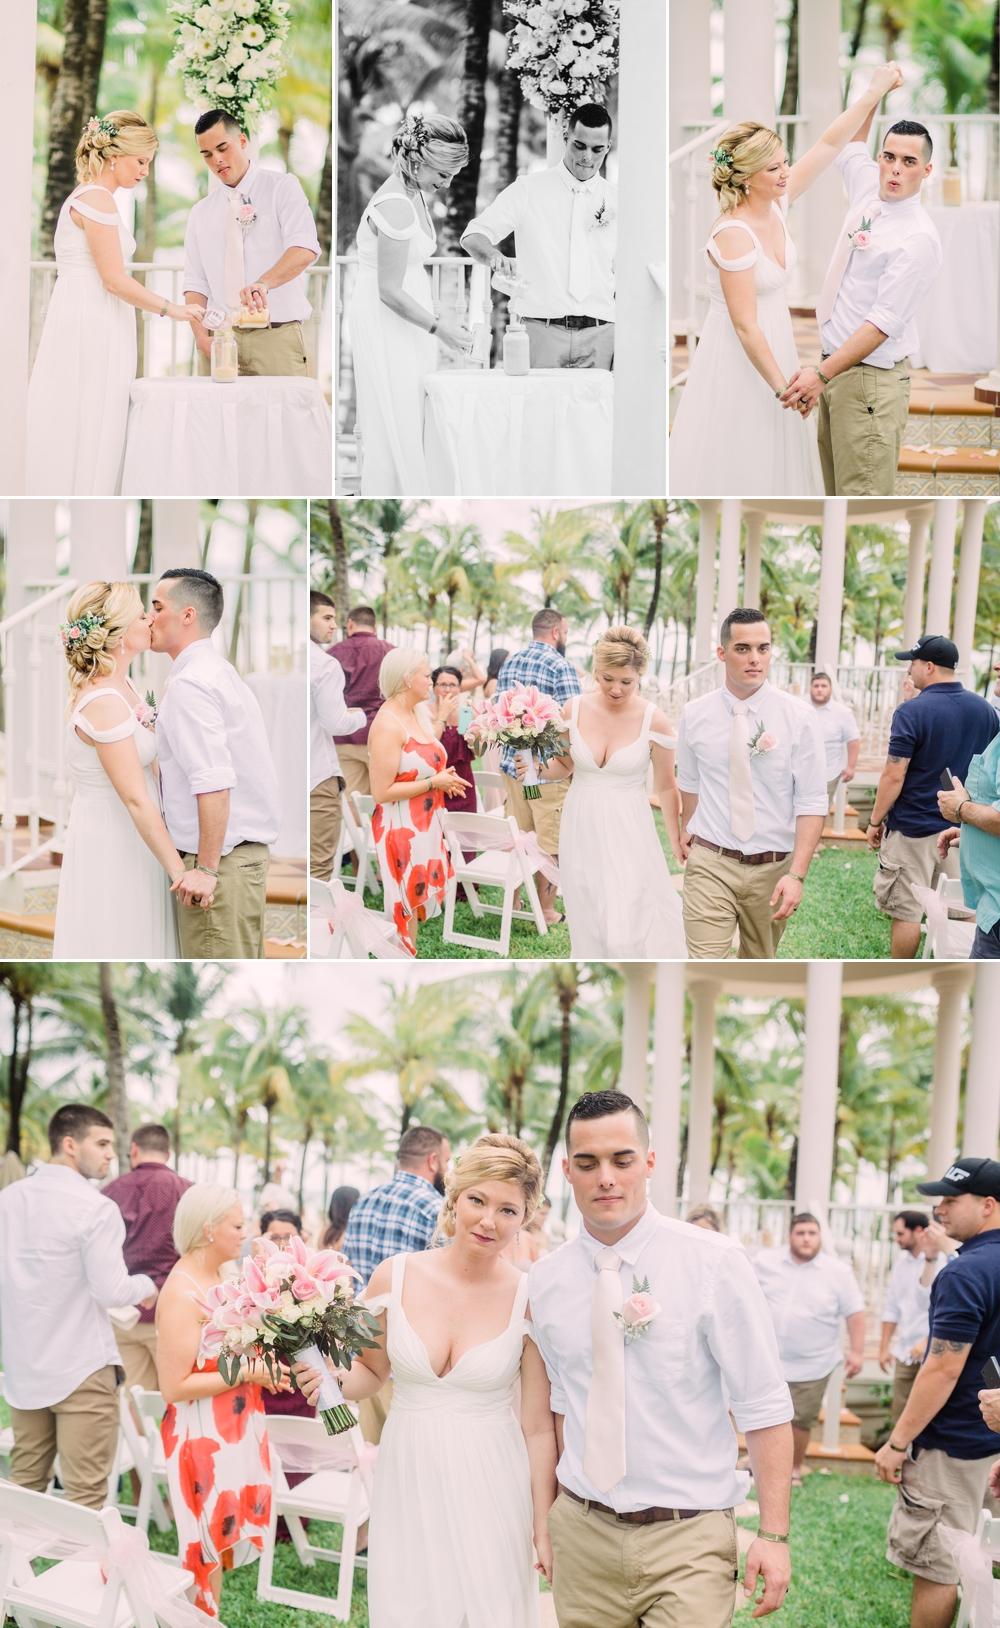 Destination Wedding Photography_Riu Palace Riviera Maya_Playa Del Carmen_Mexico_first kiss and recessional_Destination Wedding Photographer.jpg